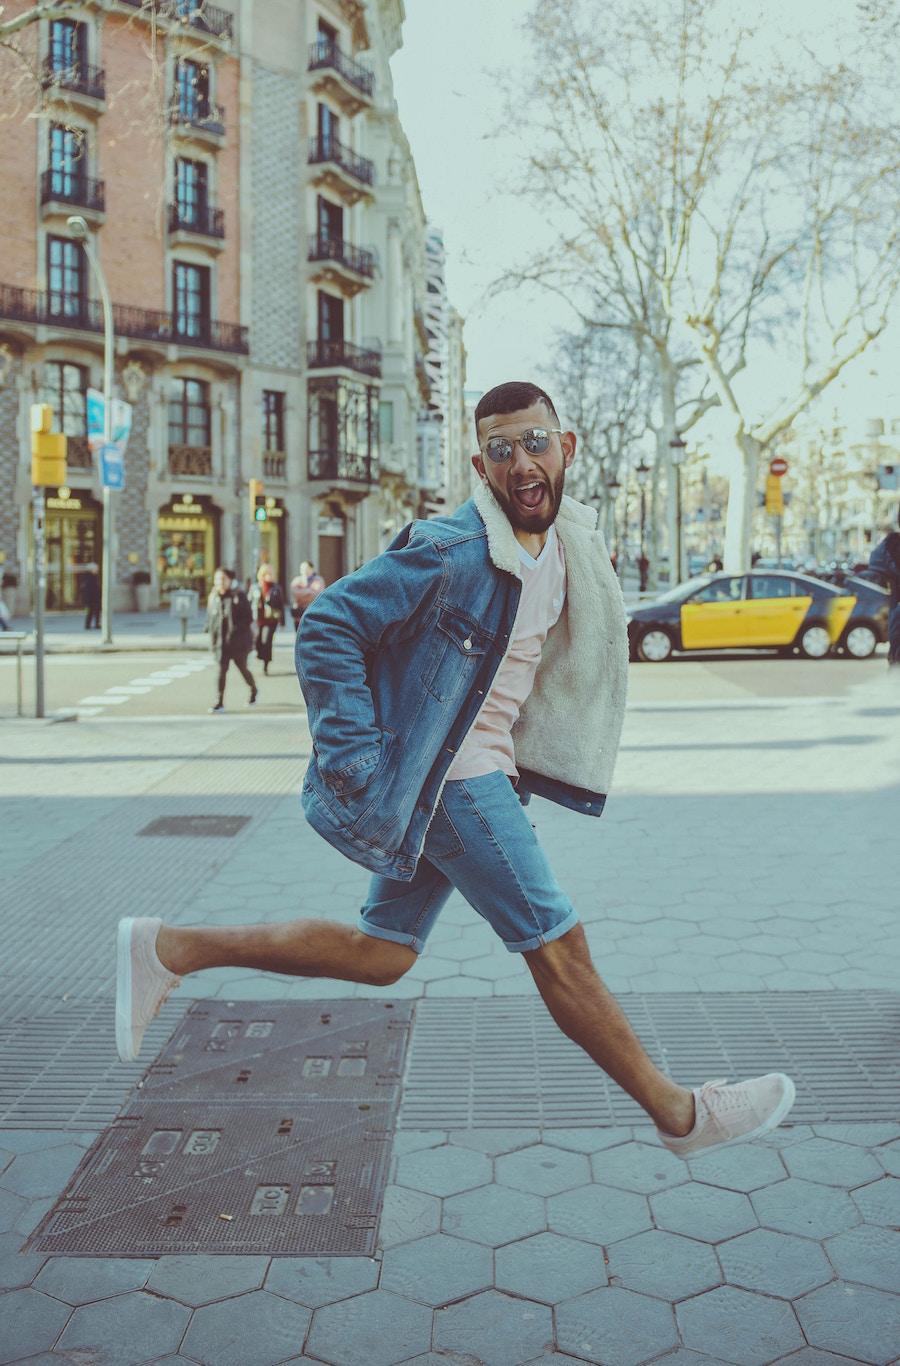 La Semana Europea de la Movilidad nos invita a caminar por la ciudad